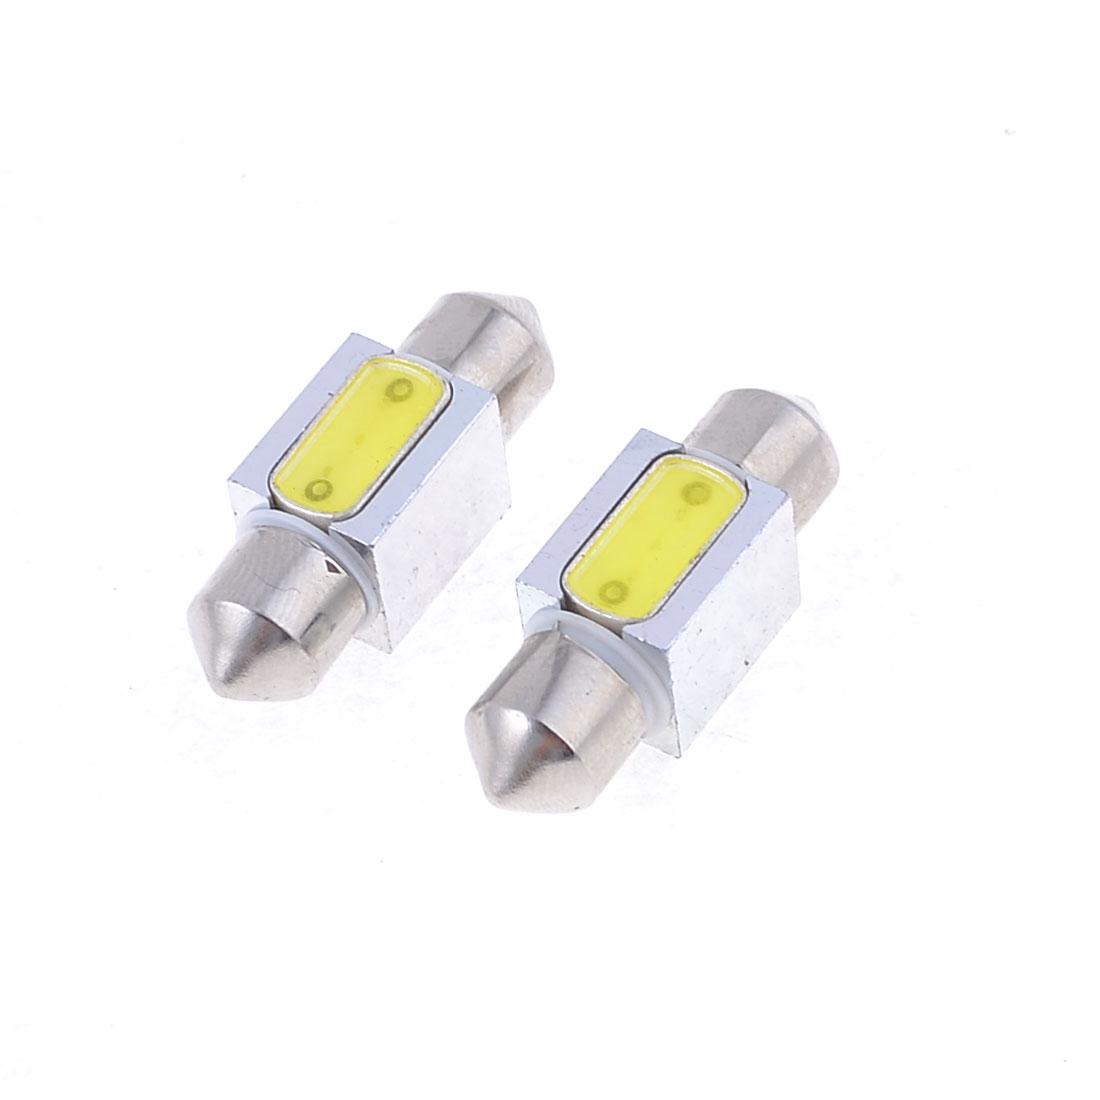 """2pcs White LED 3W 31mm 1.25"""" Festoon Dome Light Turn Signal Lamp Bulb DE3175"""